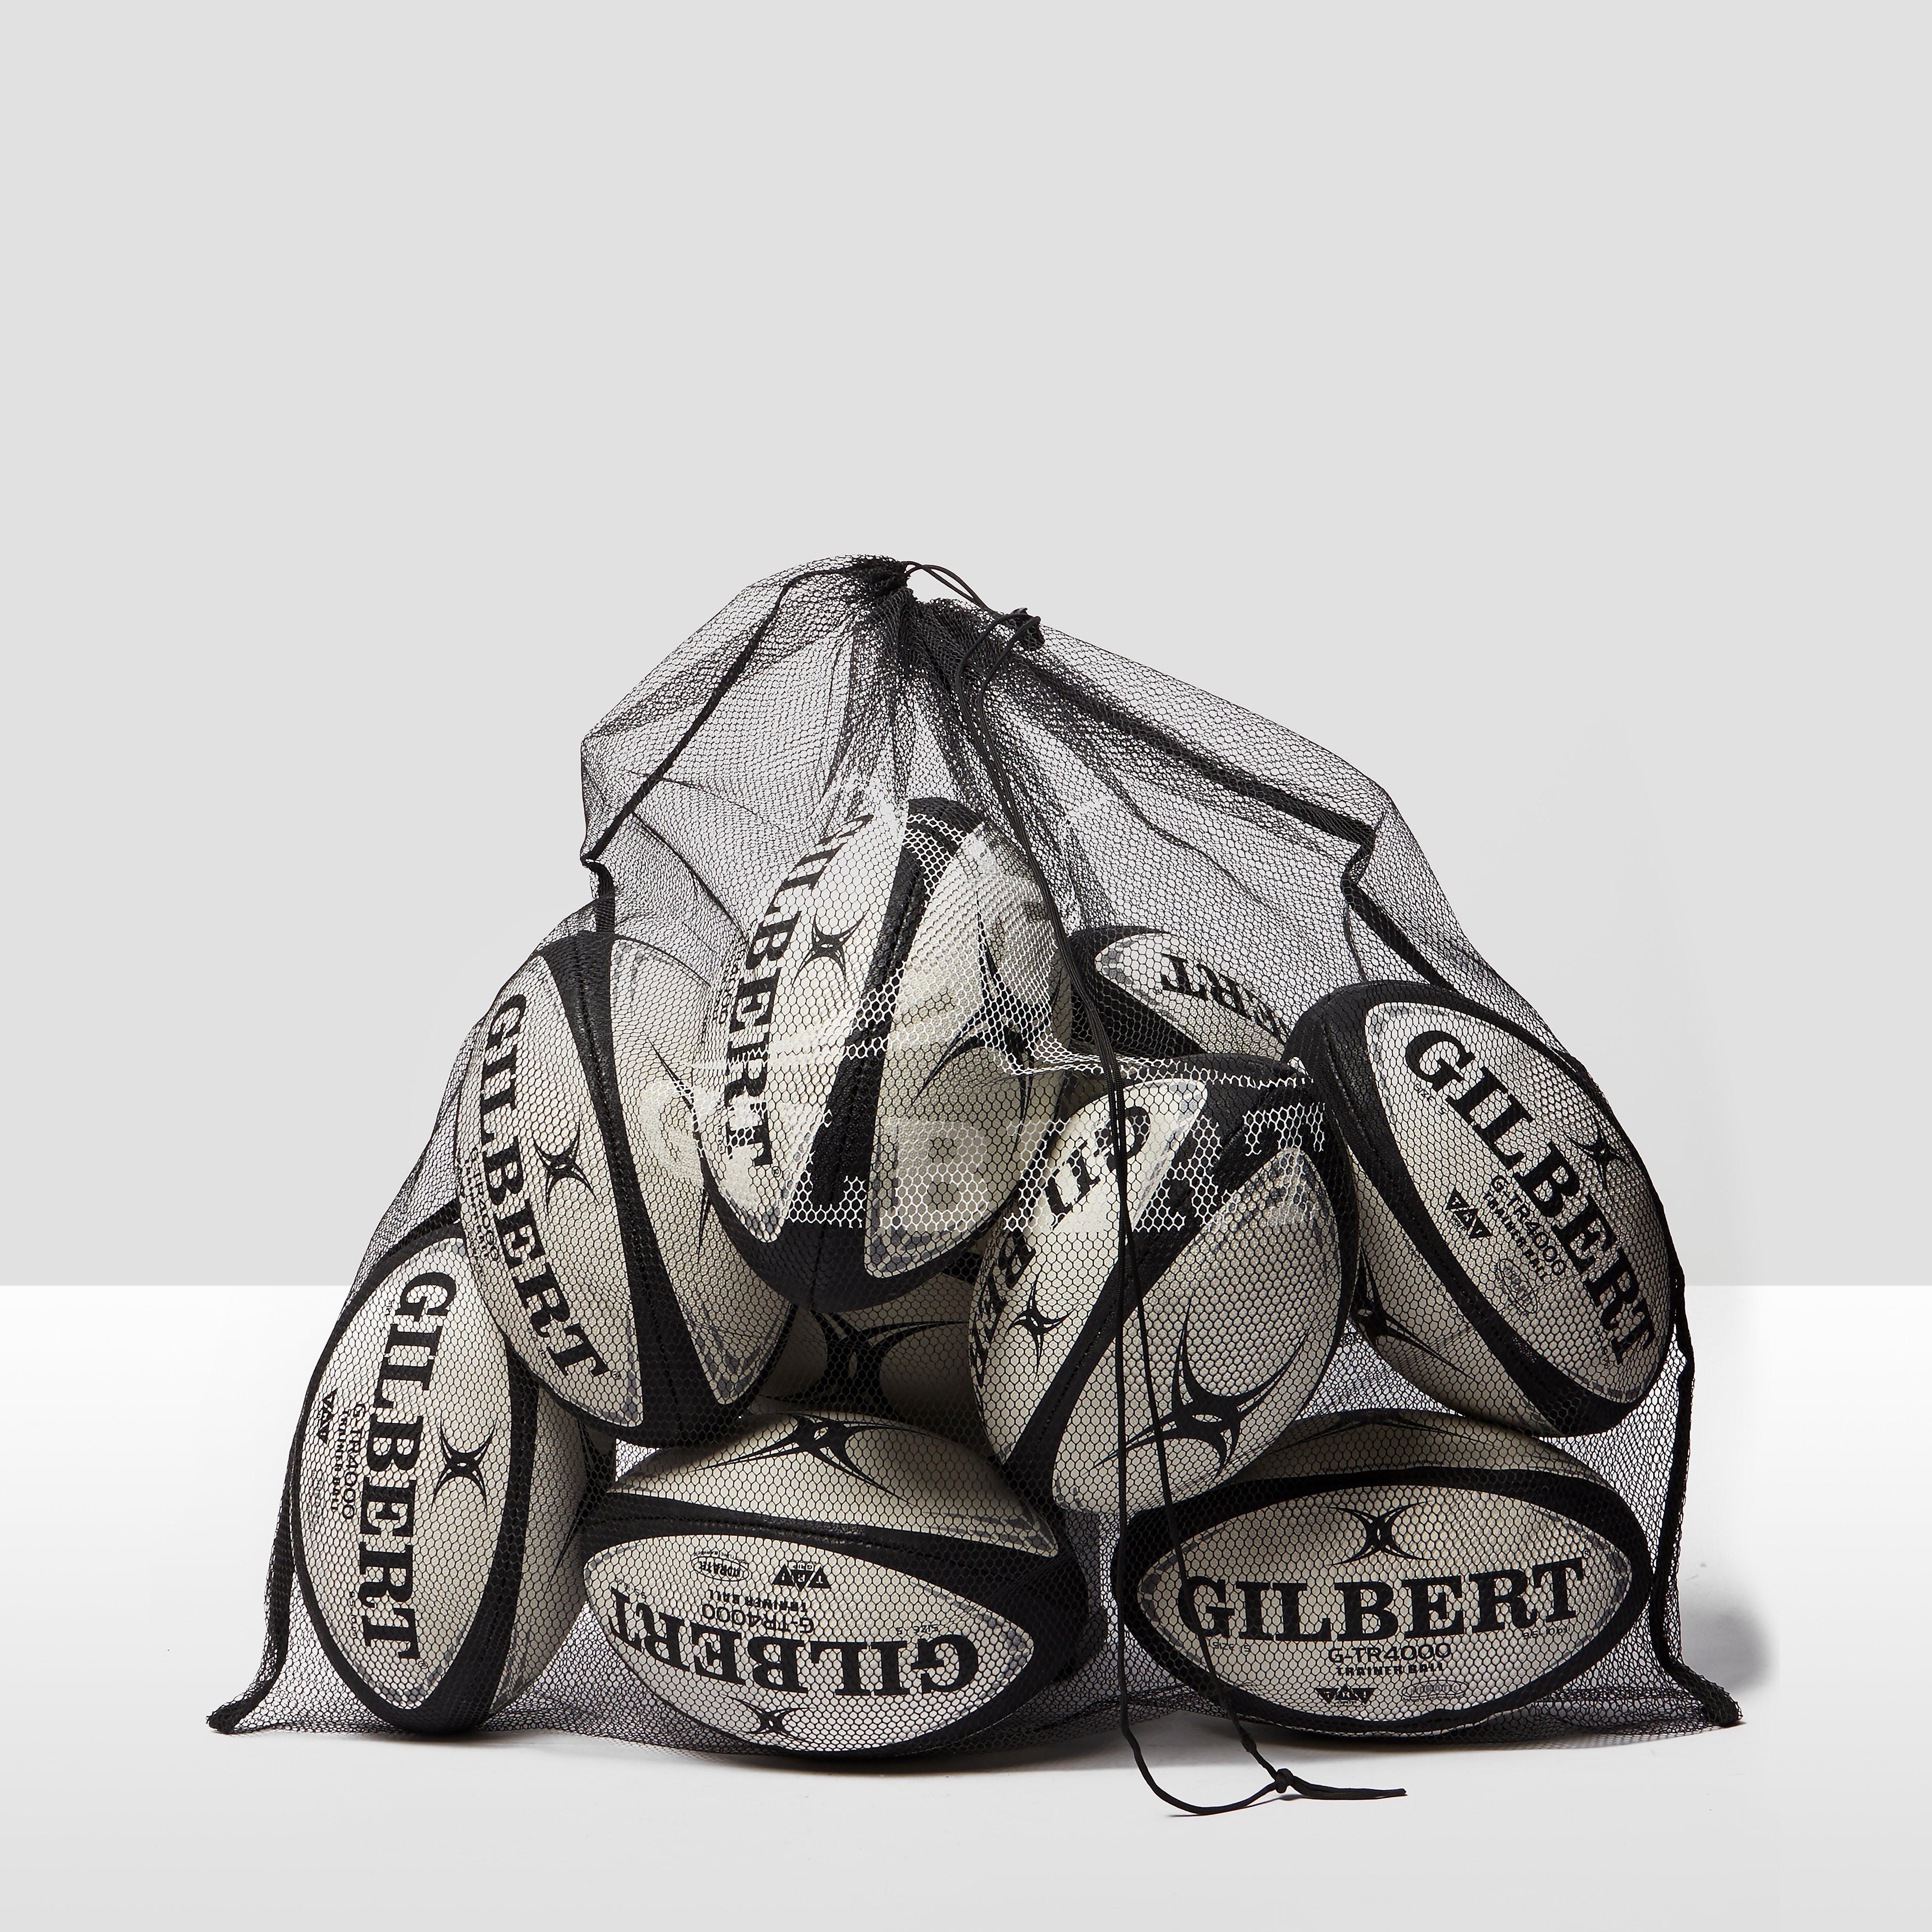 Gilbert Fine Mesh Rugby Ball Bag